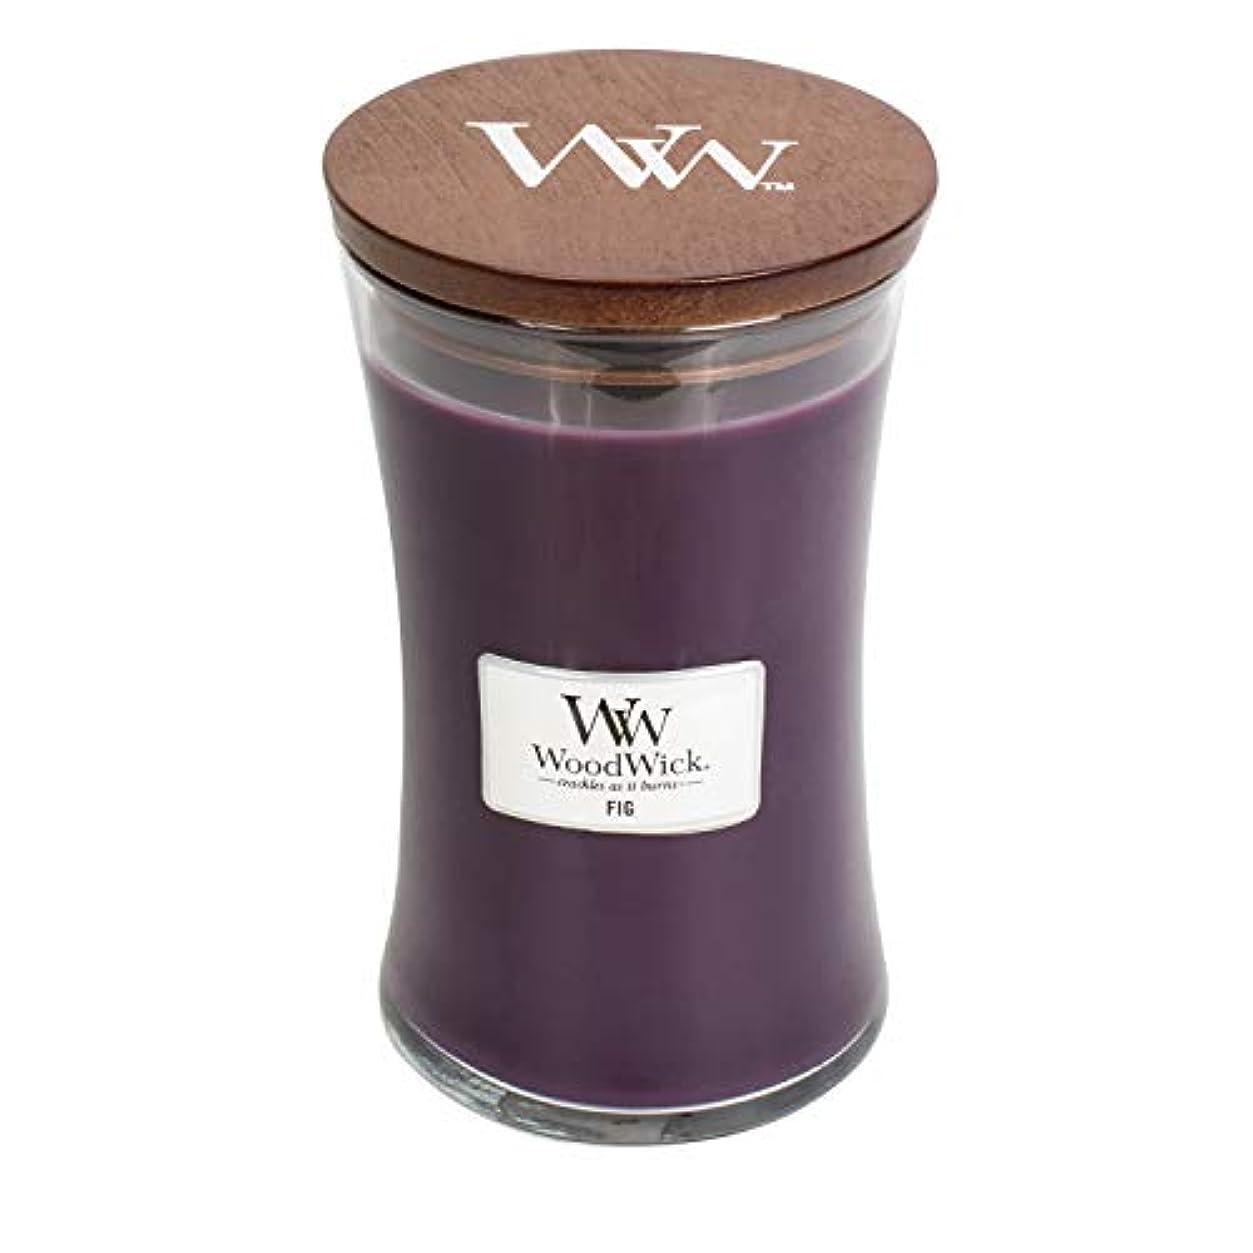 家事をする力家事をするソフトCambray WoodWick 22oz香りつきJar Candle Burns 180時間